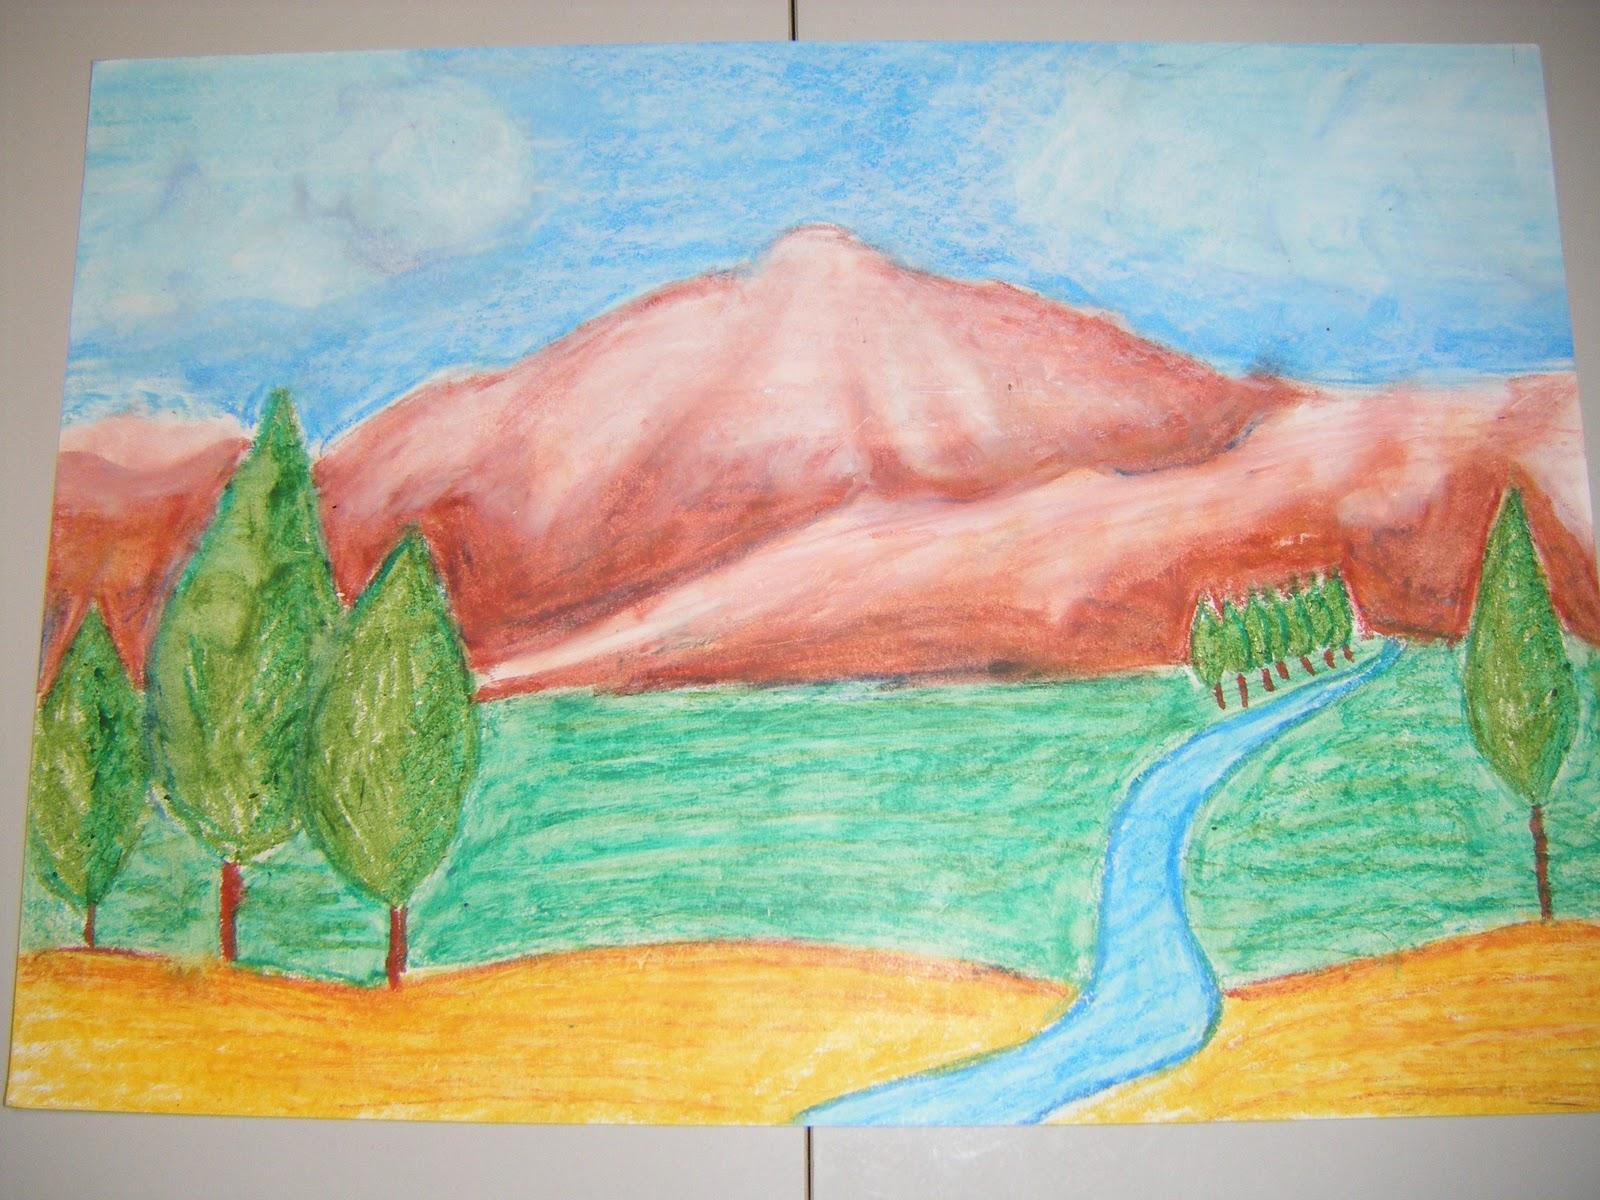 Paisajes Para Dibujar A Color Faciles: Mis Primeras Experiencias Con El Dibujo: Paisaje